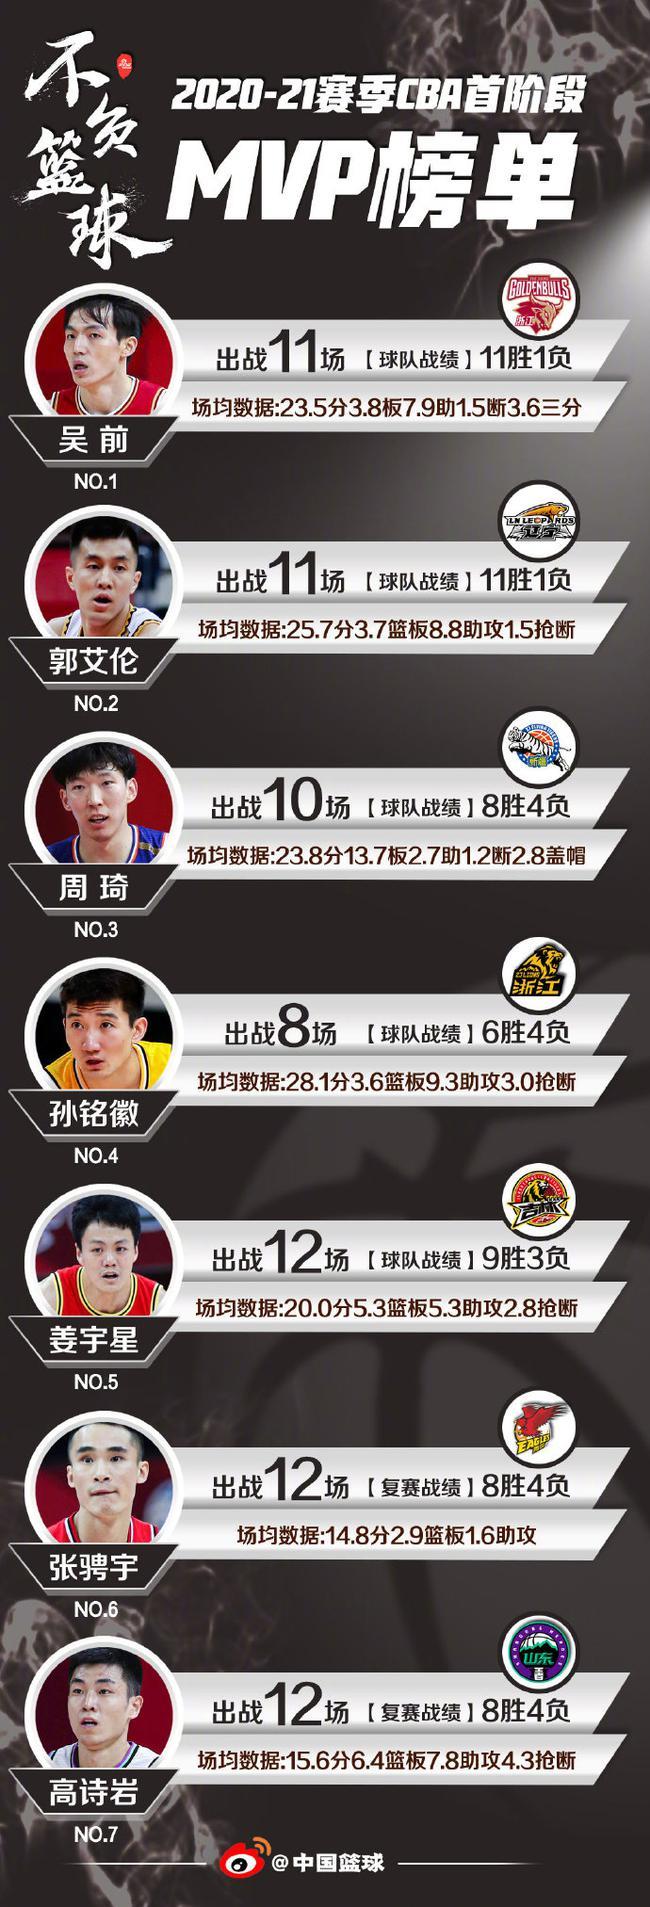 【博狗体育】第一阶段MVP排行榜:吴前郭艾伦前二 周琦第三